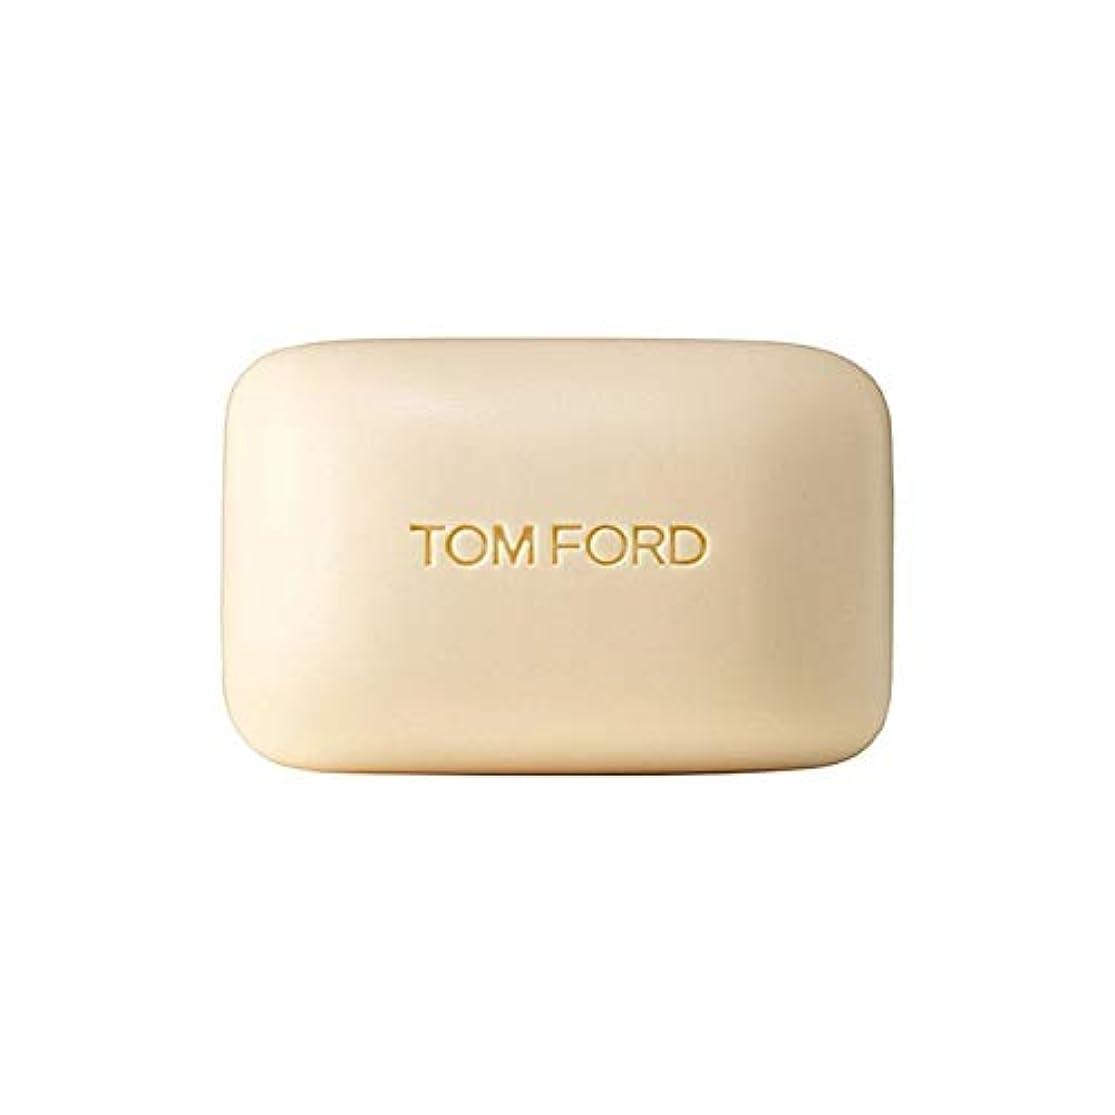 お風呂を持っている労働成功する[Tom Ford] トムフォードジャスミンルージュソープバー150グラム - Tom Ford Jasmin Rouge Soap Bar 150G [並行輸入品]